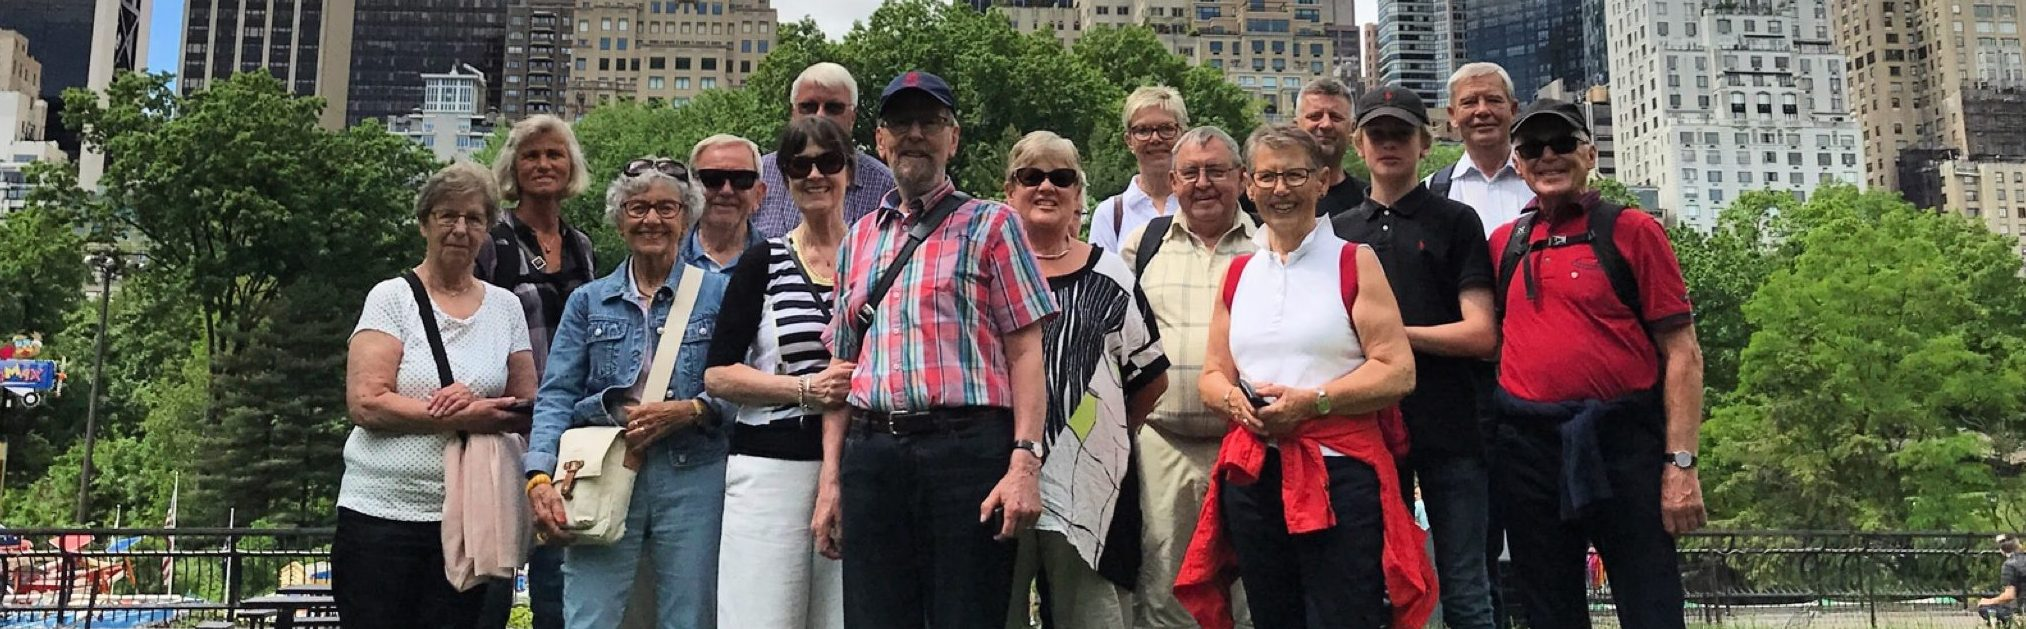 Gruppe tour på dansk i New York